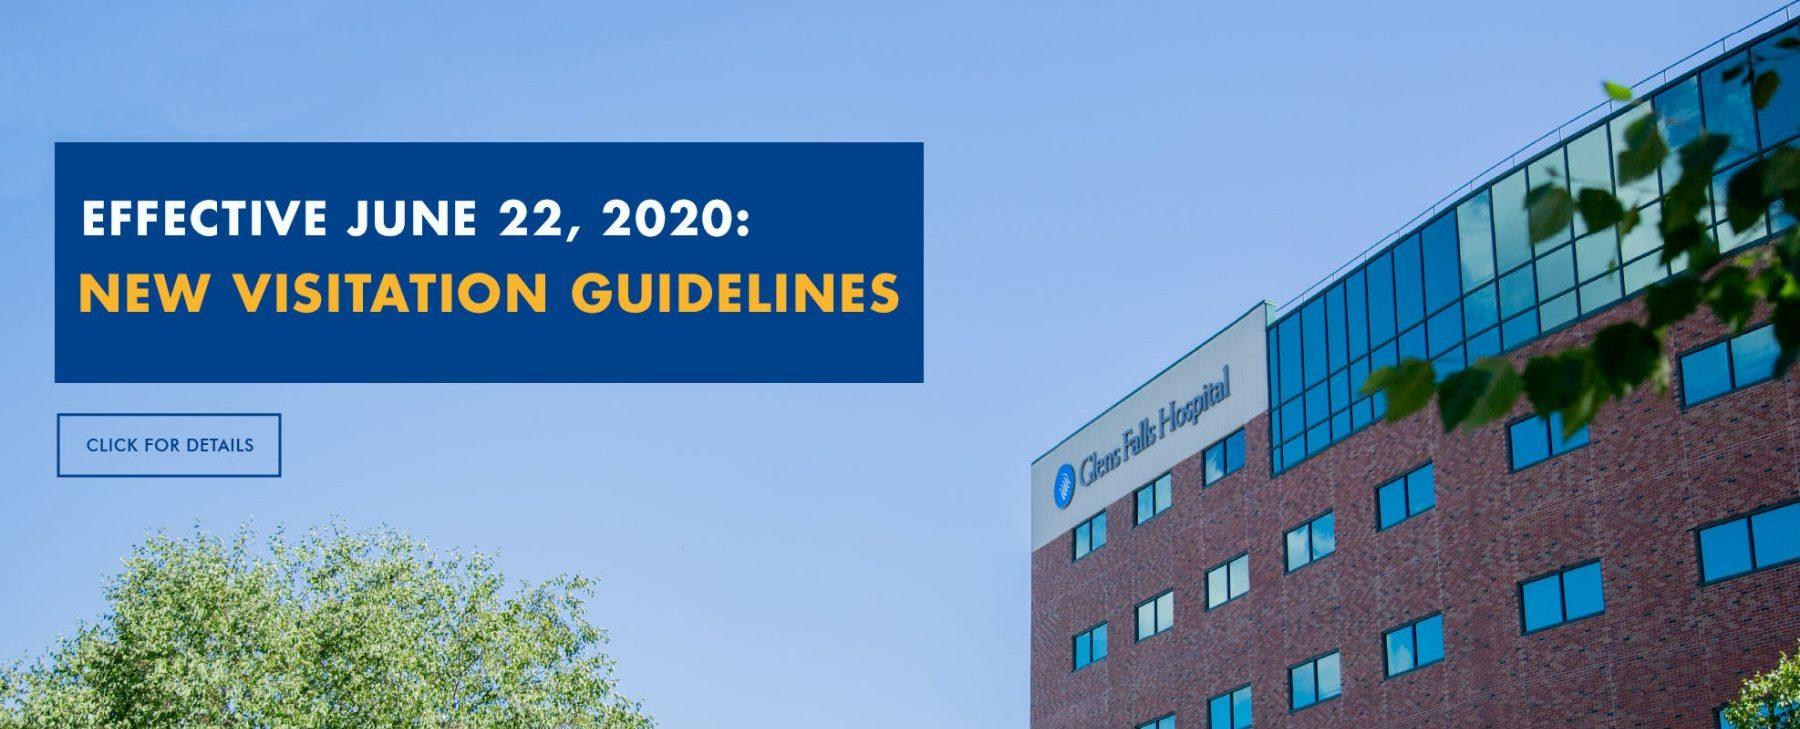 visitation guidelines